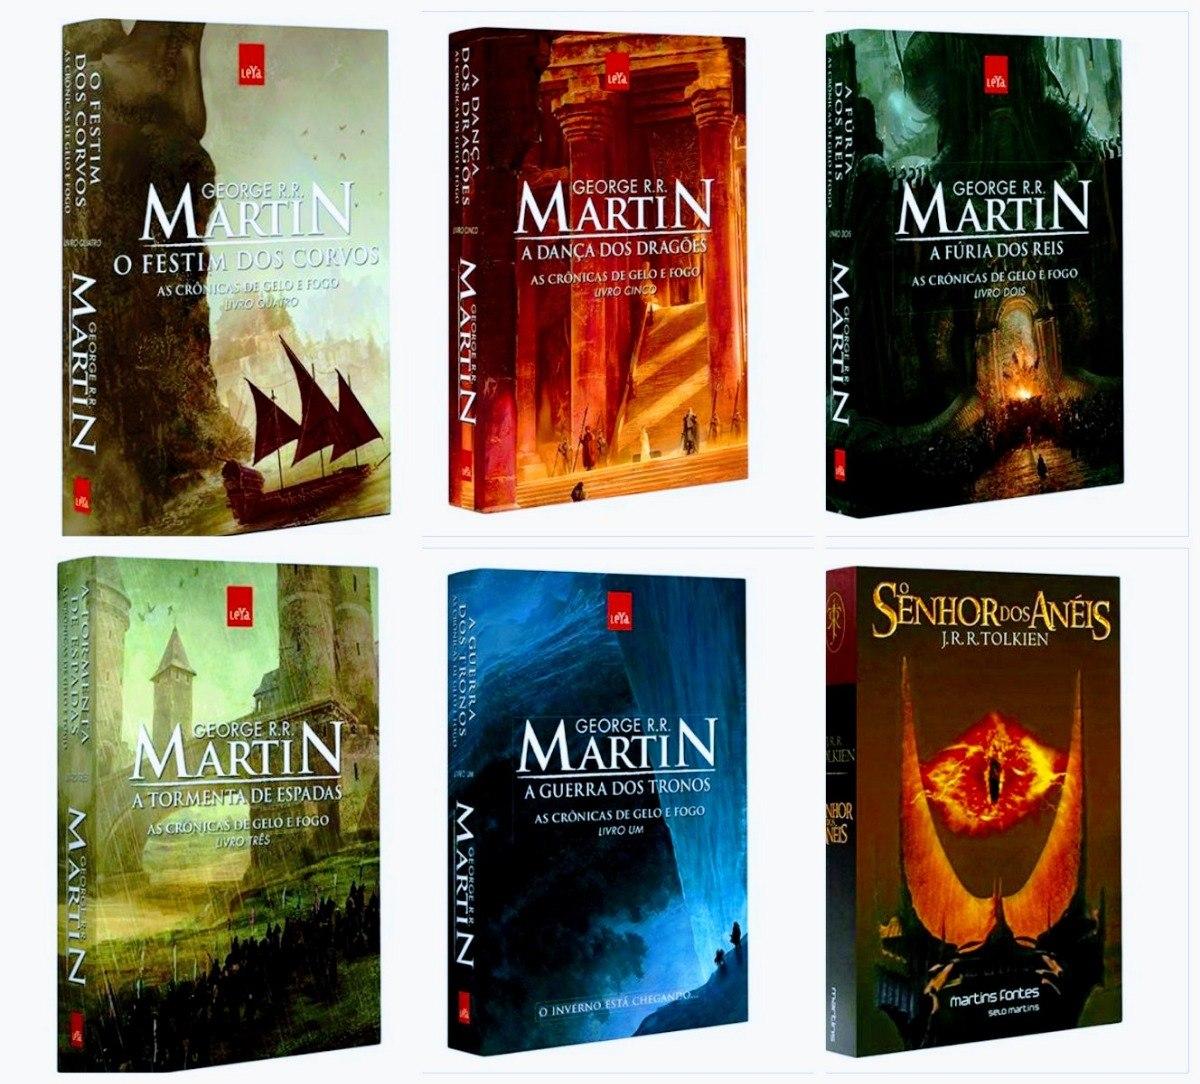 Kit Livros Game Of Thrones Senhor Dos Aneis Lacrados R 218